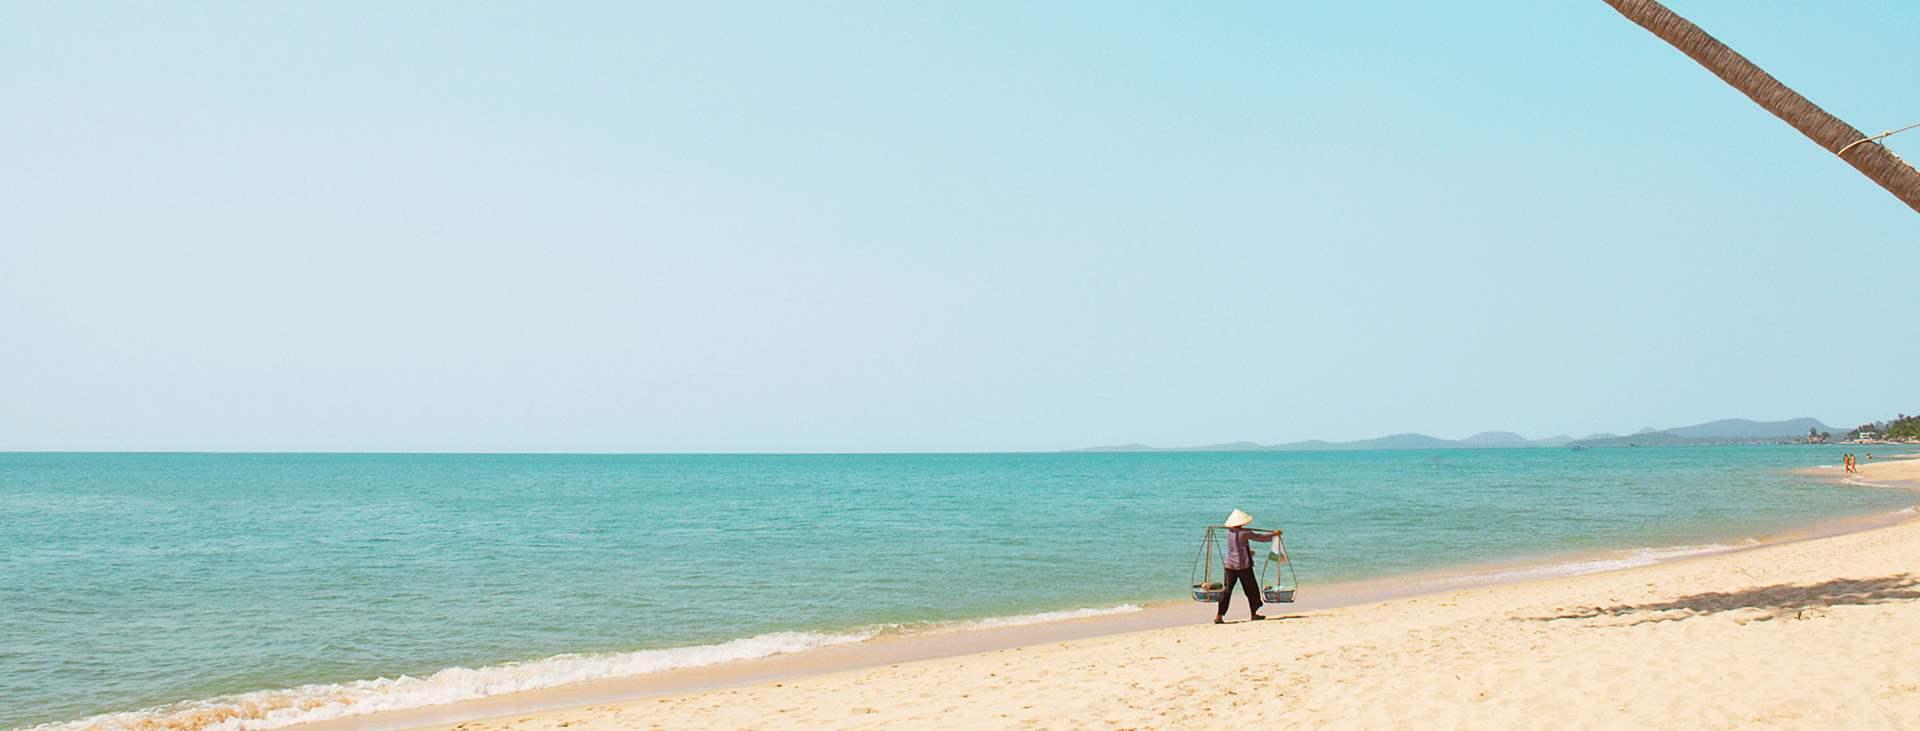 Bestill en reise med Ving til Vietnam